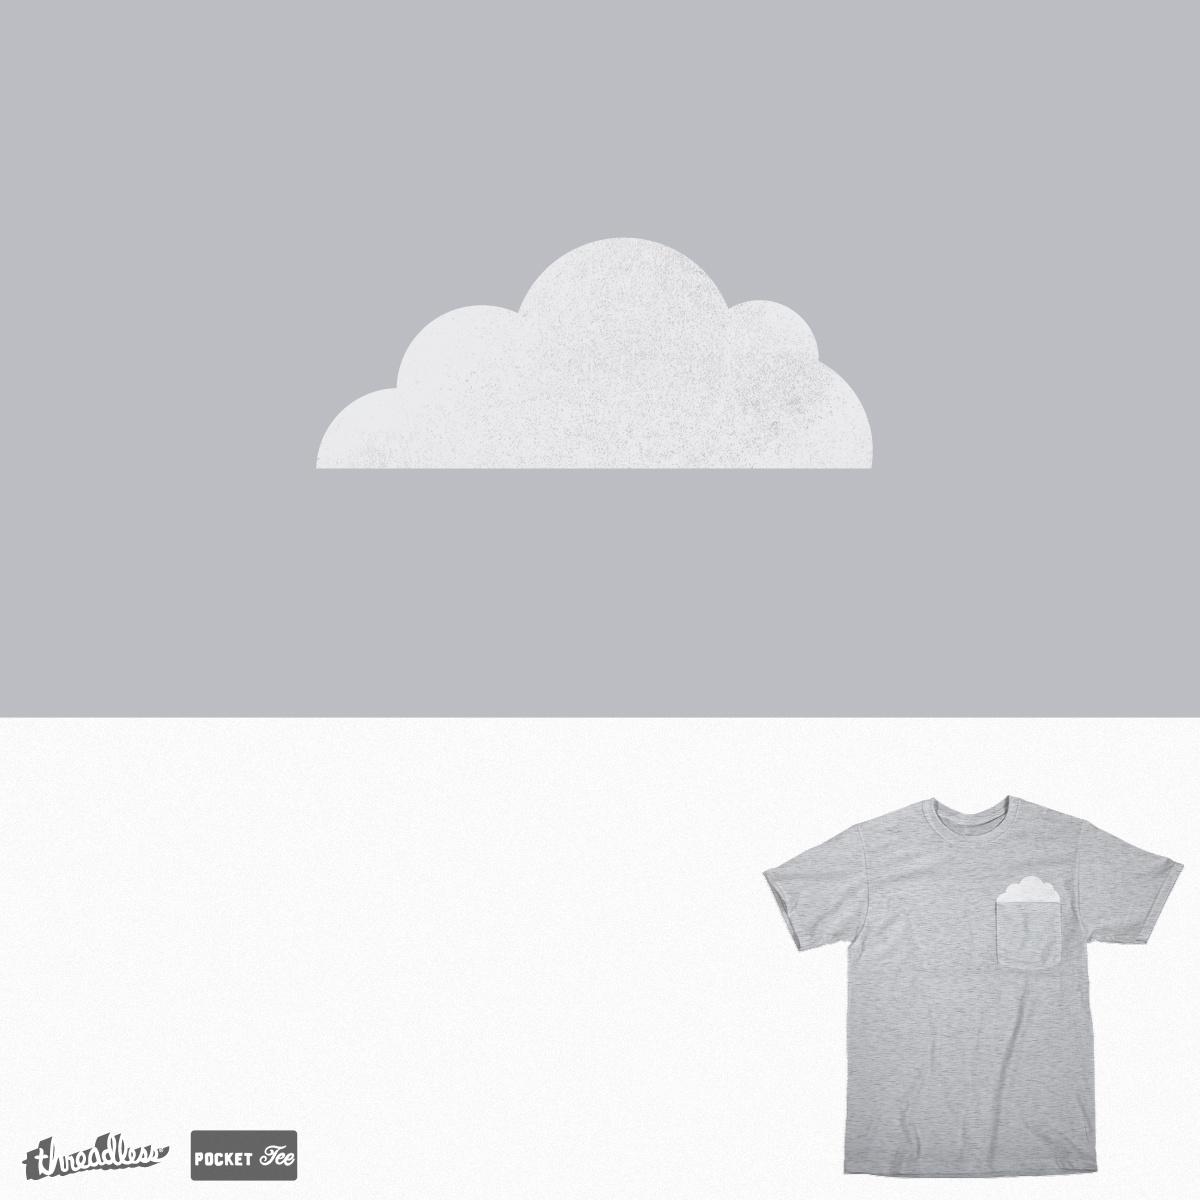 Cloud by shmugavac on Threadless